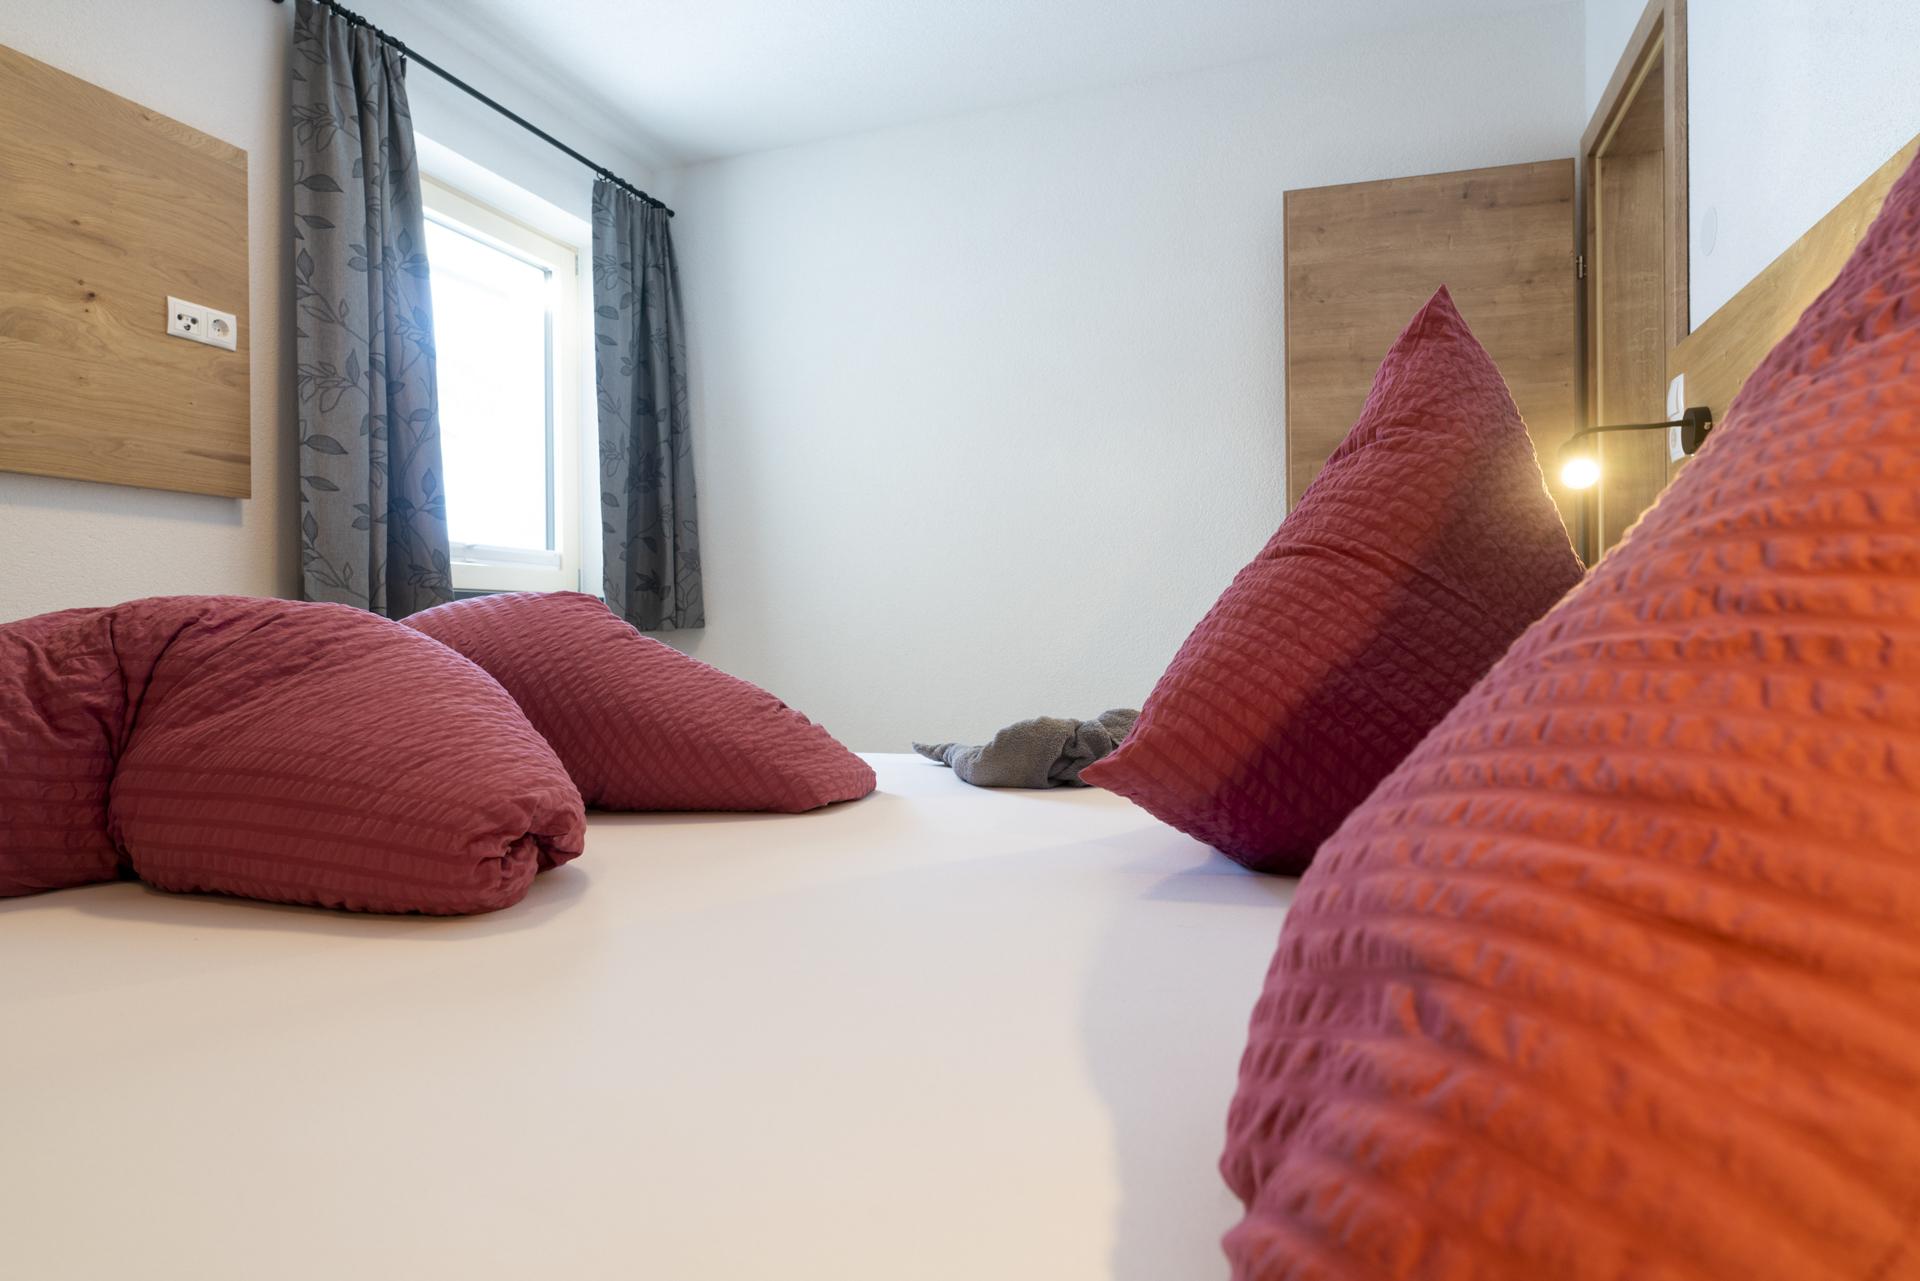 Wohnung_Bild02